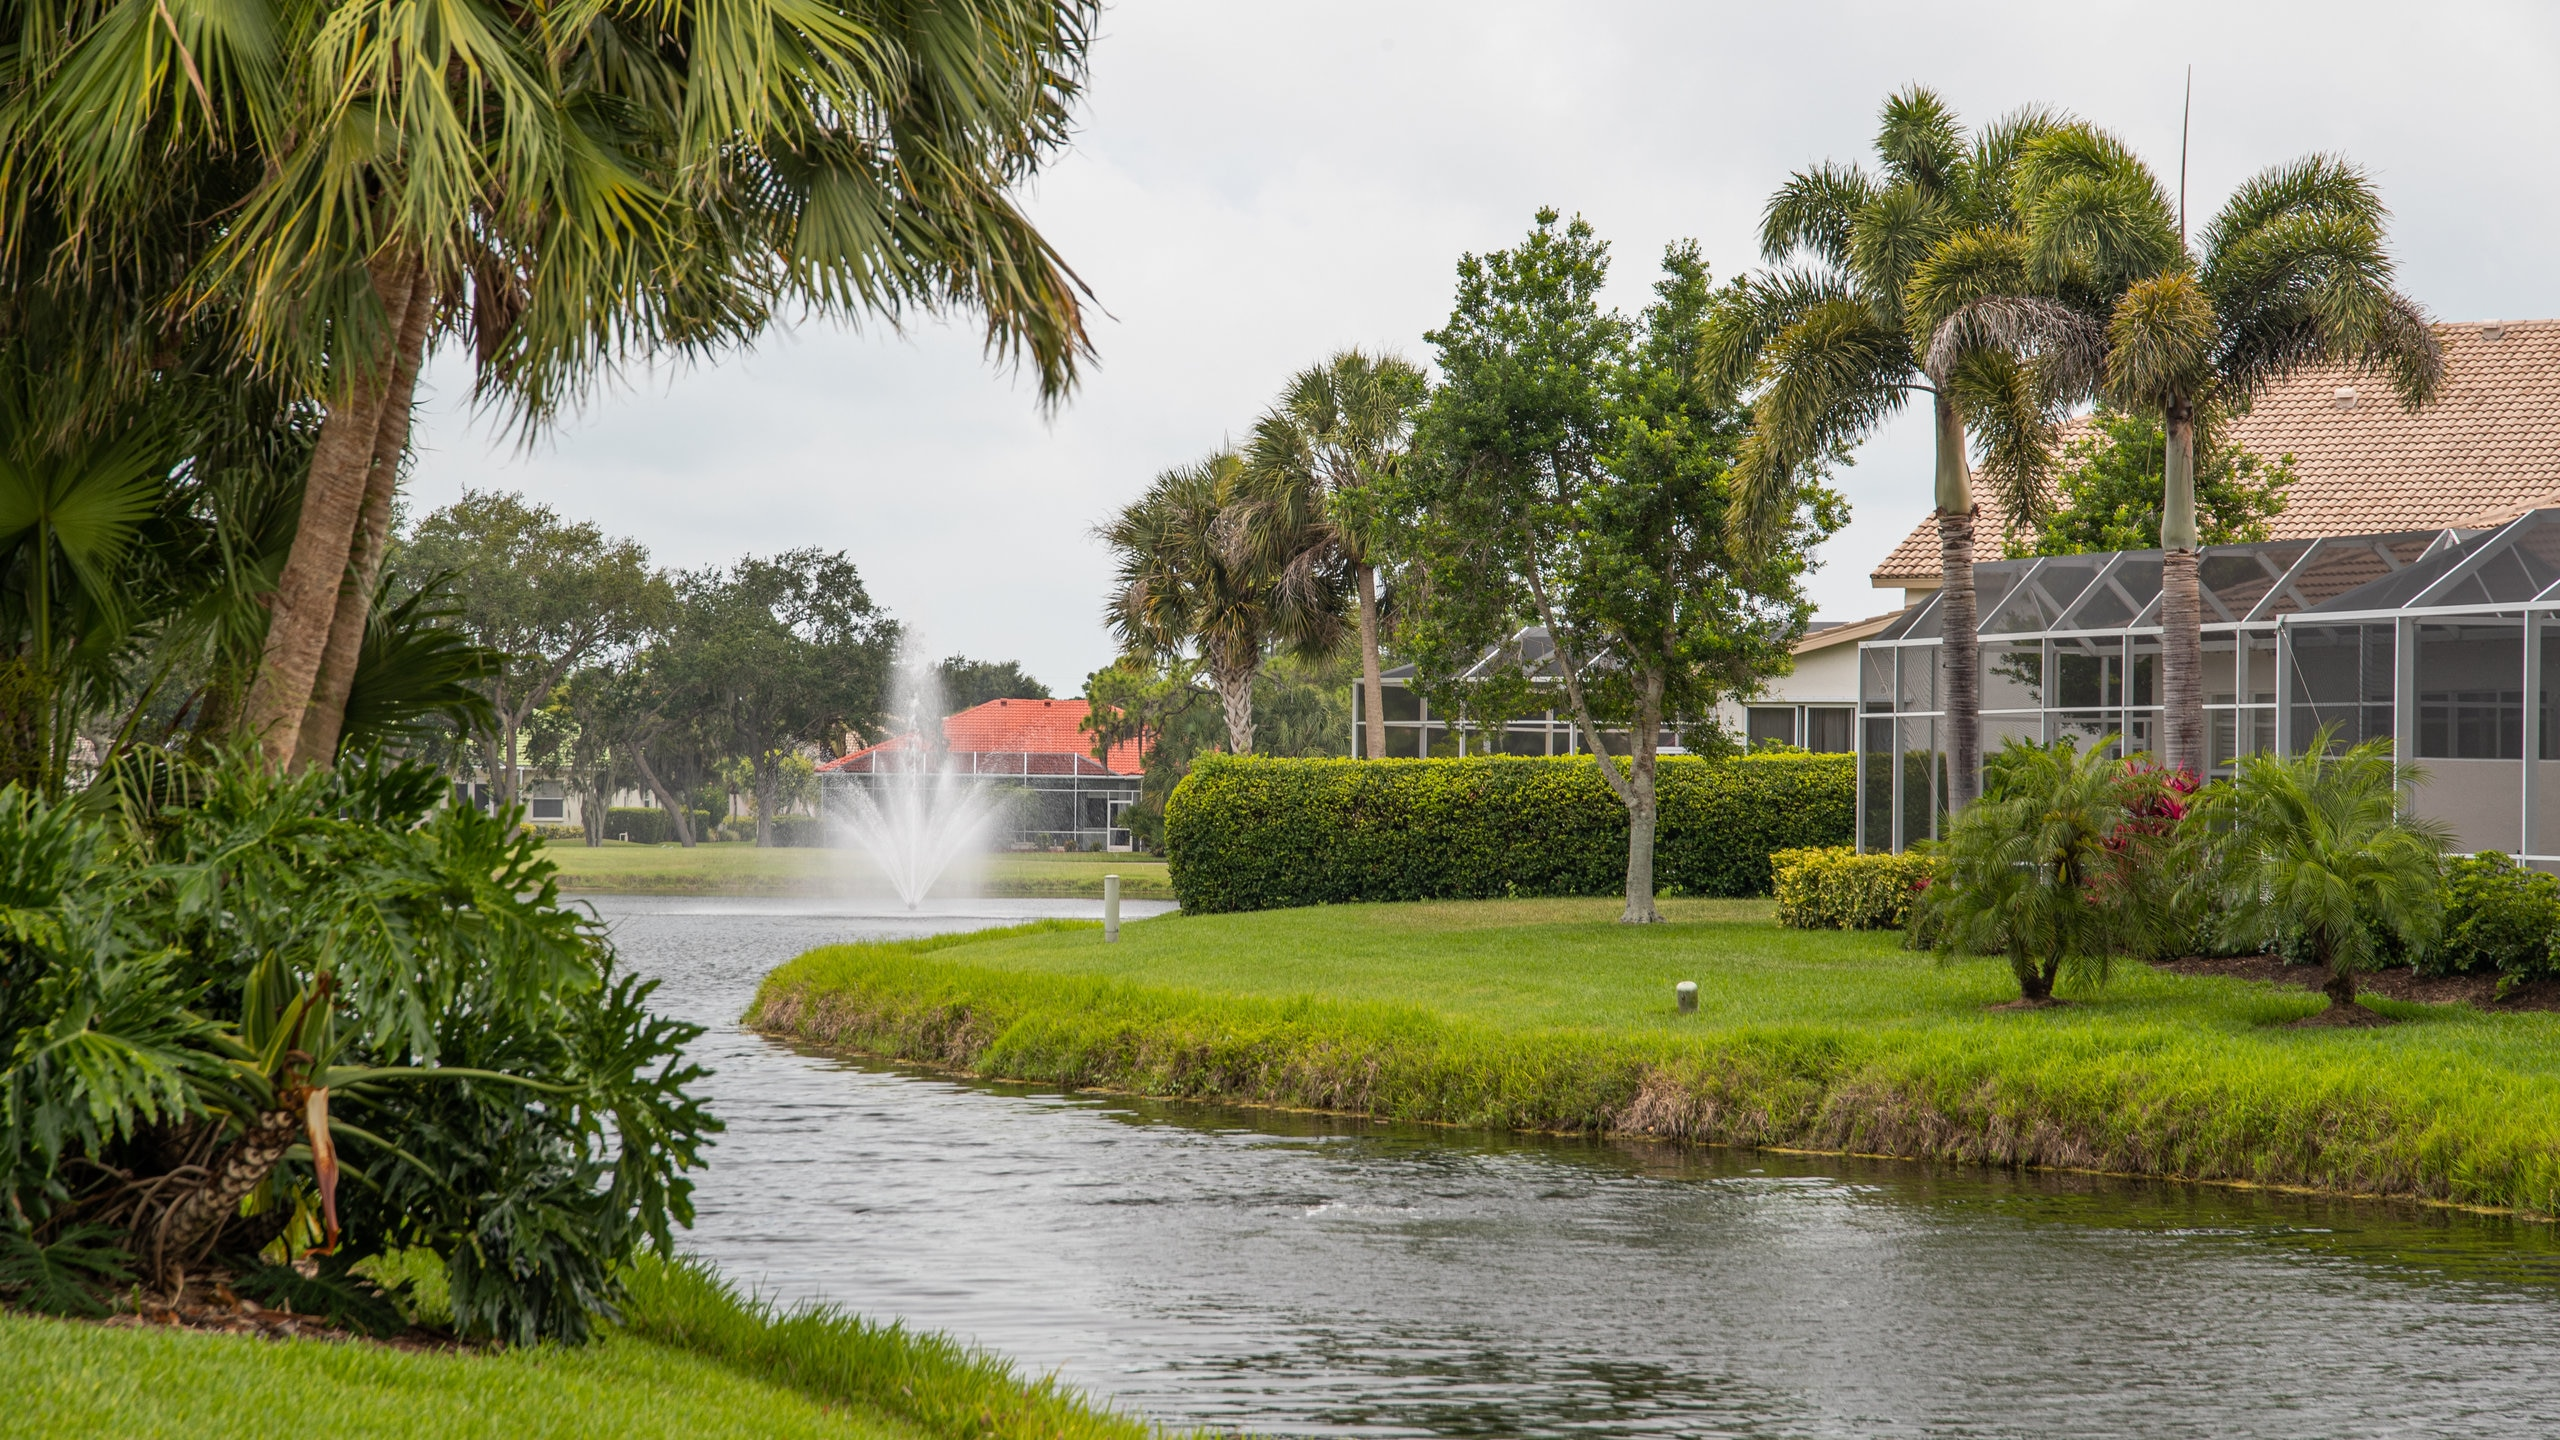 Stoneybrook Golf & Country Club, Sarasota, Florida, USA